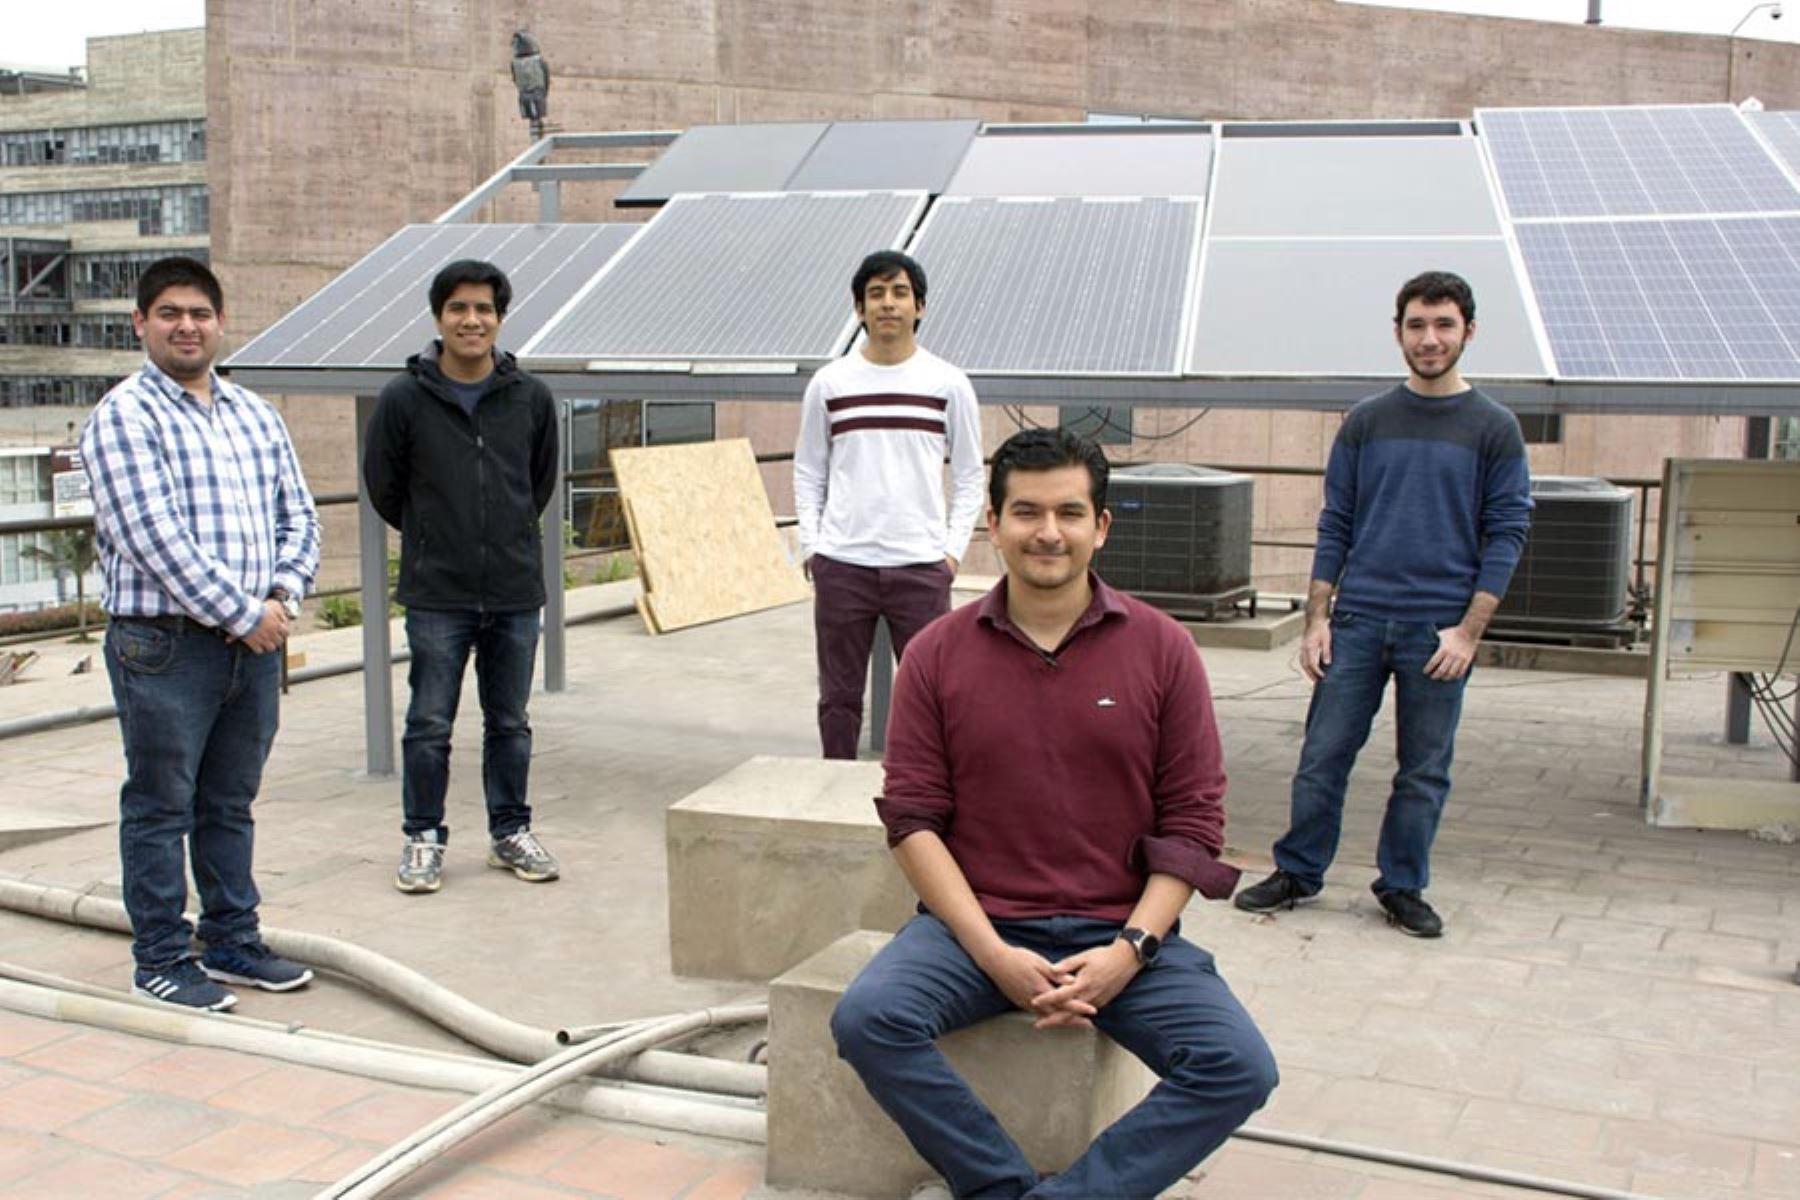 Un grupo de investigadores peruanos alista un estudio para conocer qué tecnologías generadoras de energía solar fotovoltaica son más rendidoras.